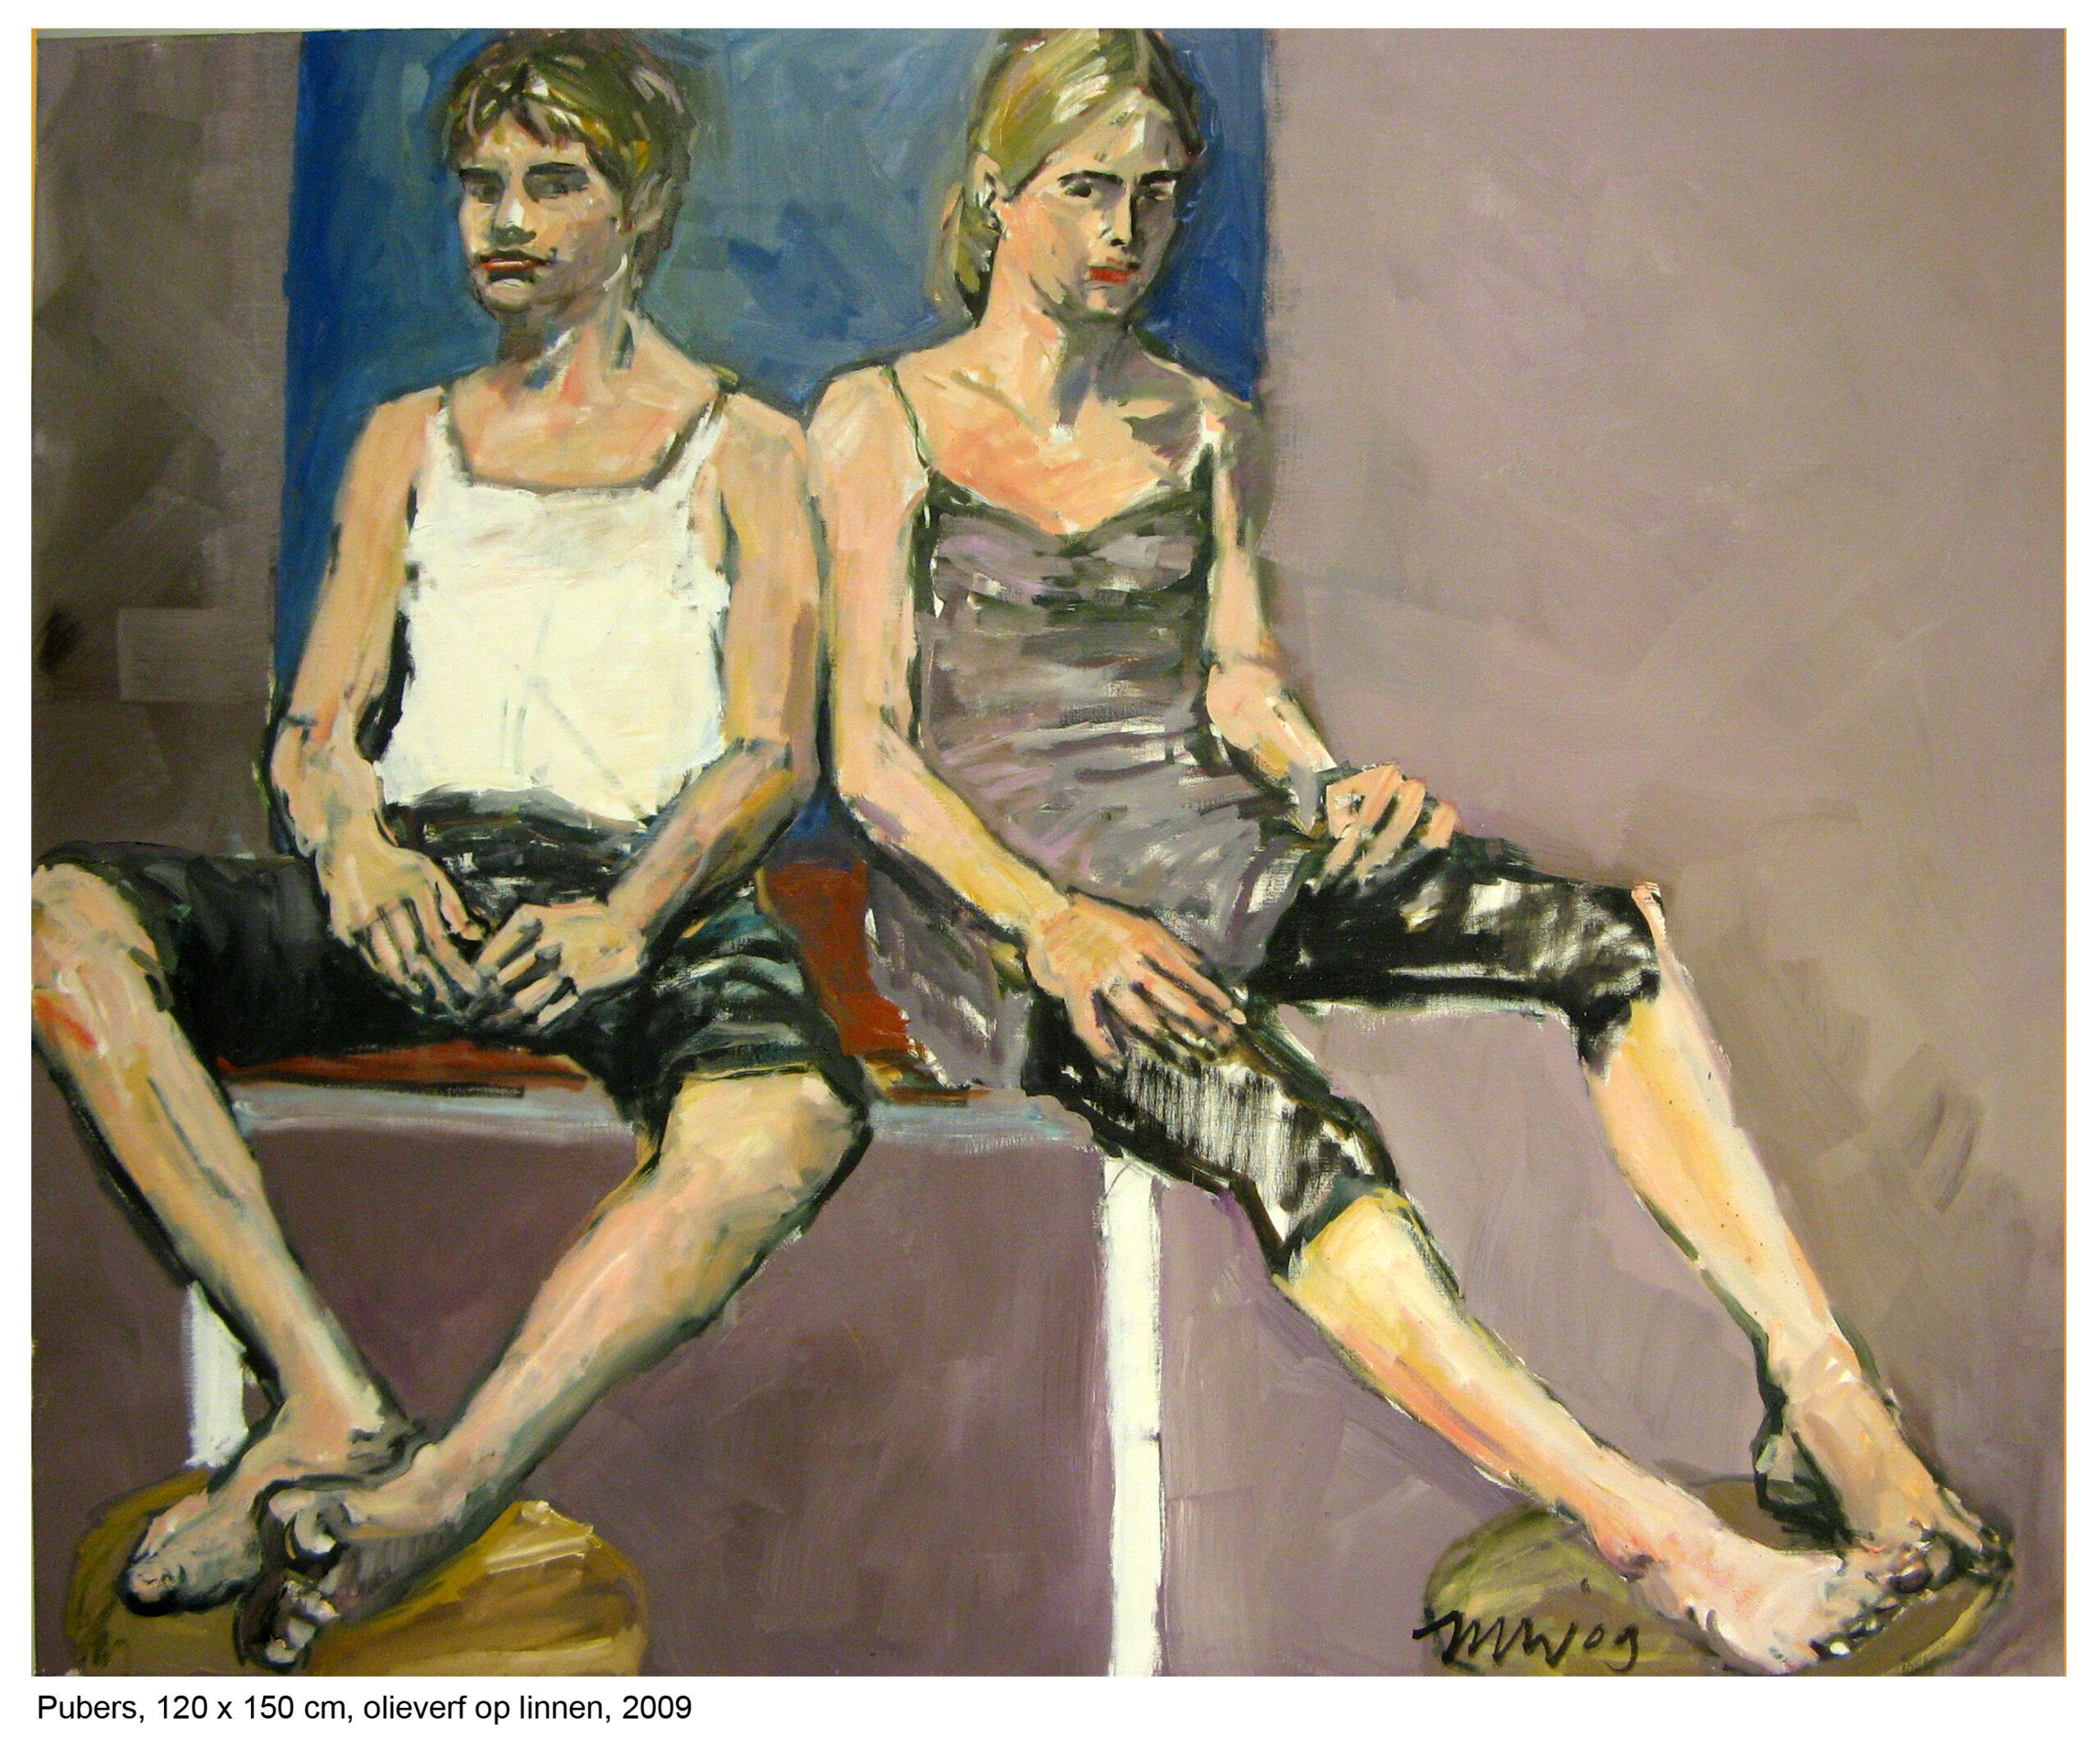 Jana en Tom, 120 x 150 cm, olieverf op linnen, 2009